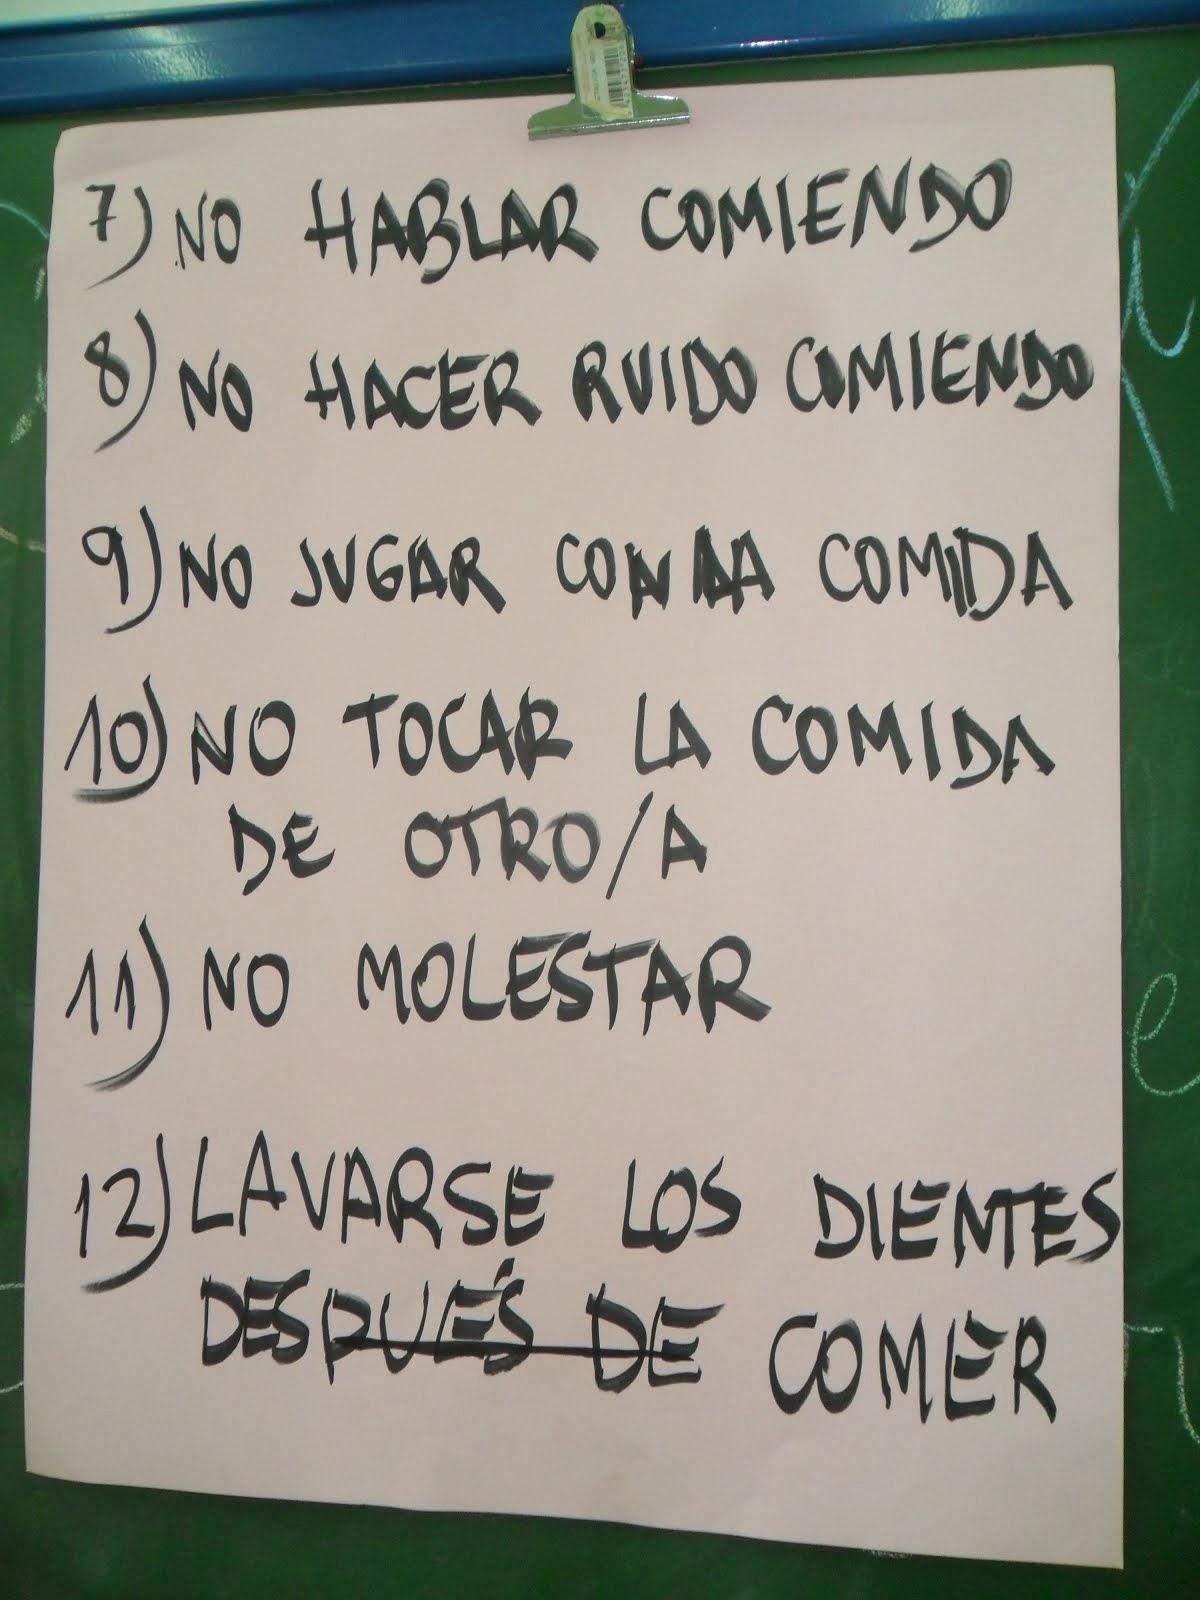 NORMAS PARA EL COMEDOR 2